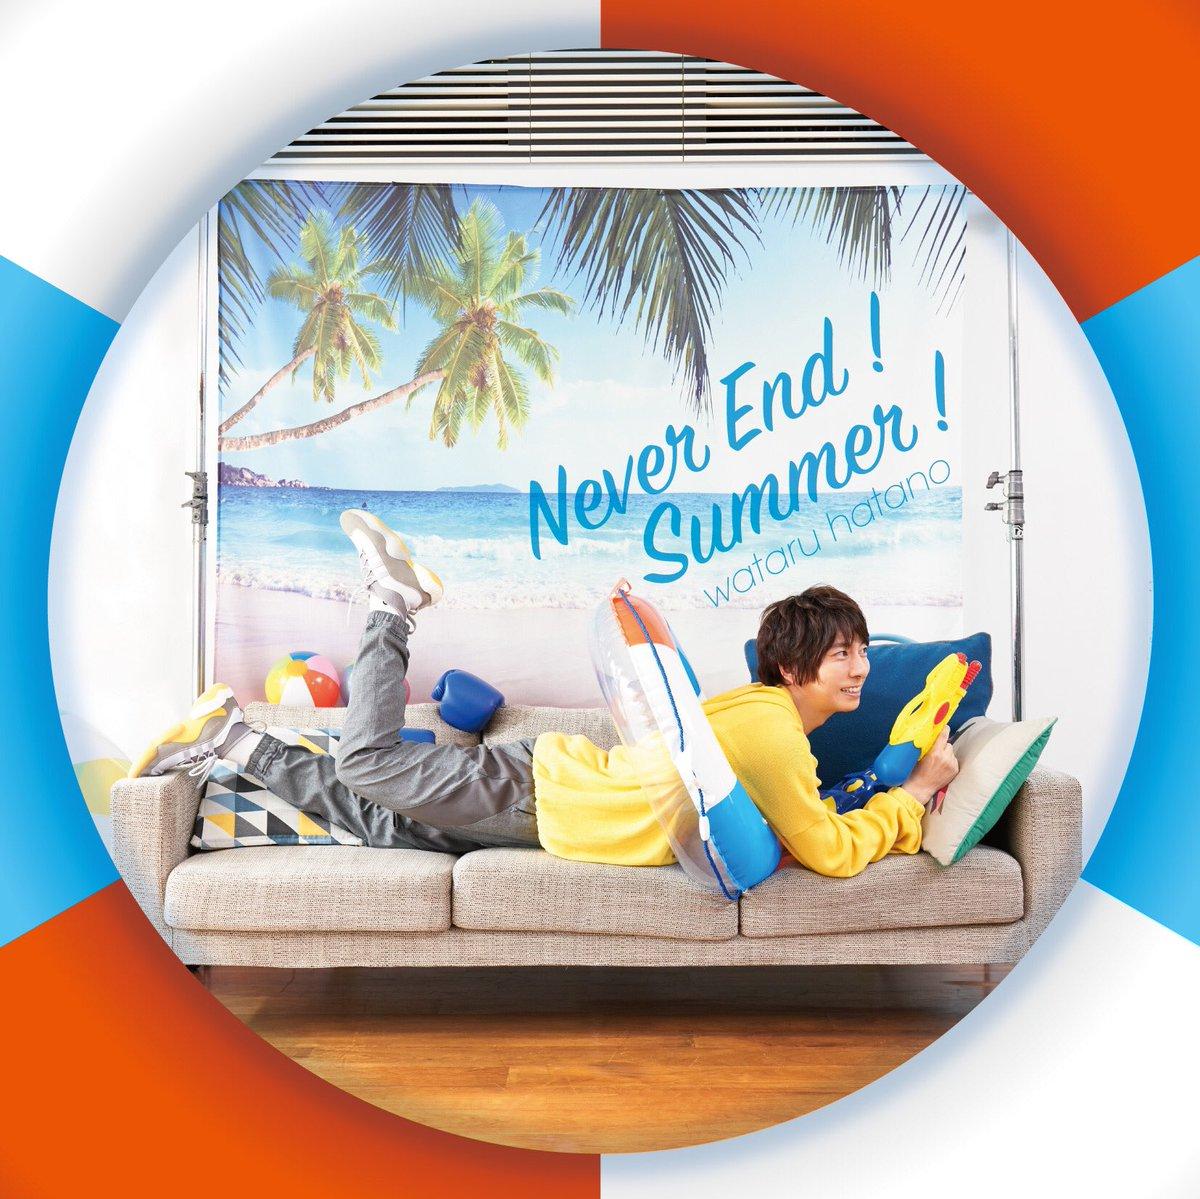 『羽多野渉 - Never End!Summer!』収録の『Never End!Summer!』ジャケット